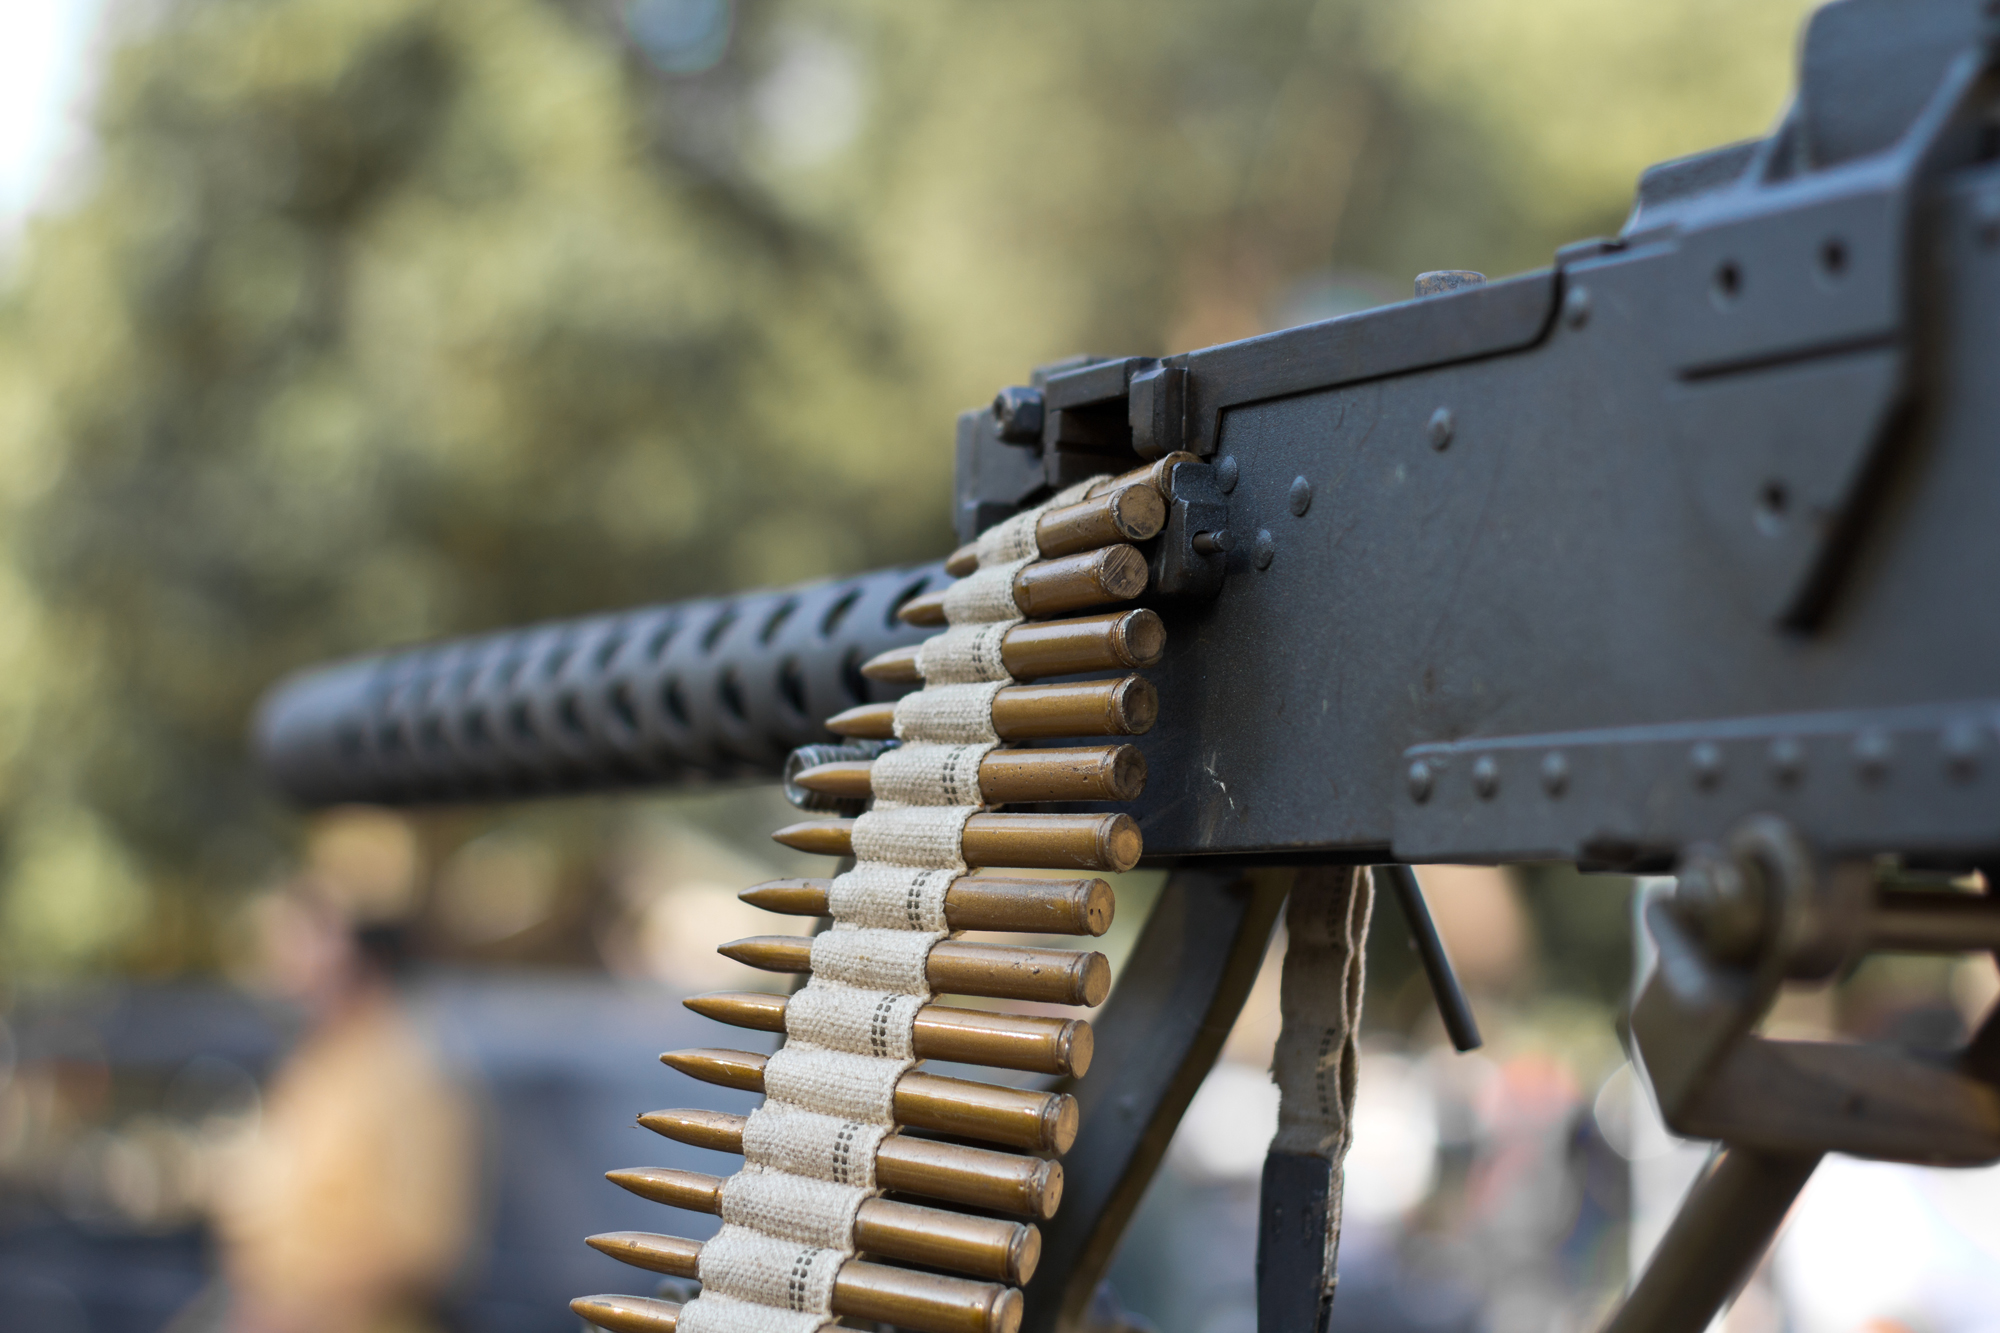 סגירת תיק פלילי ללקוח שהחזיק נשק מסוג מקלע בקוטר 0.5 בדרום